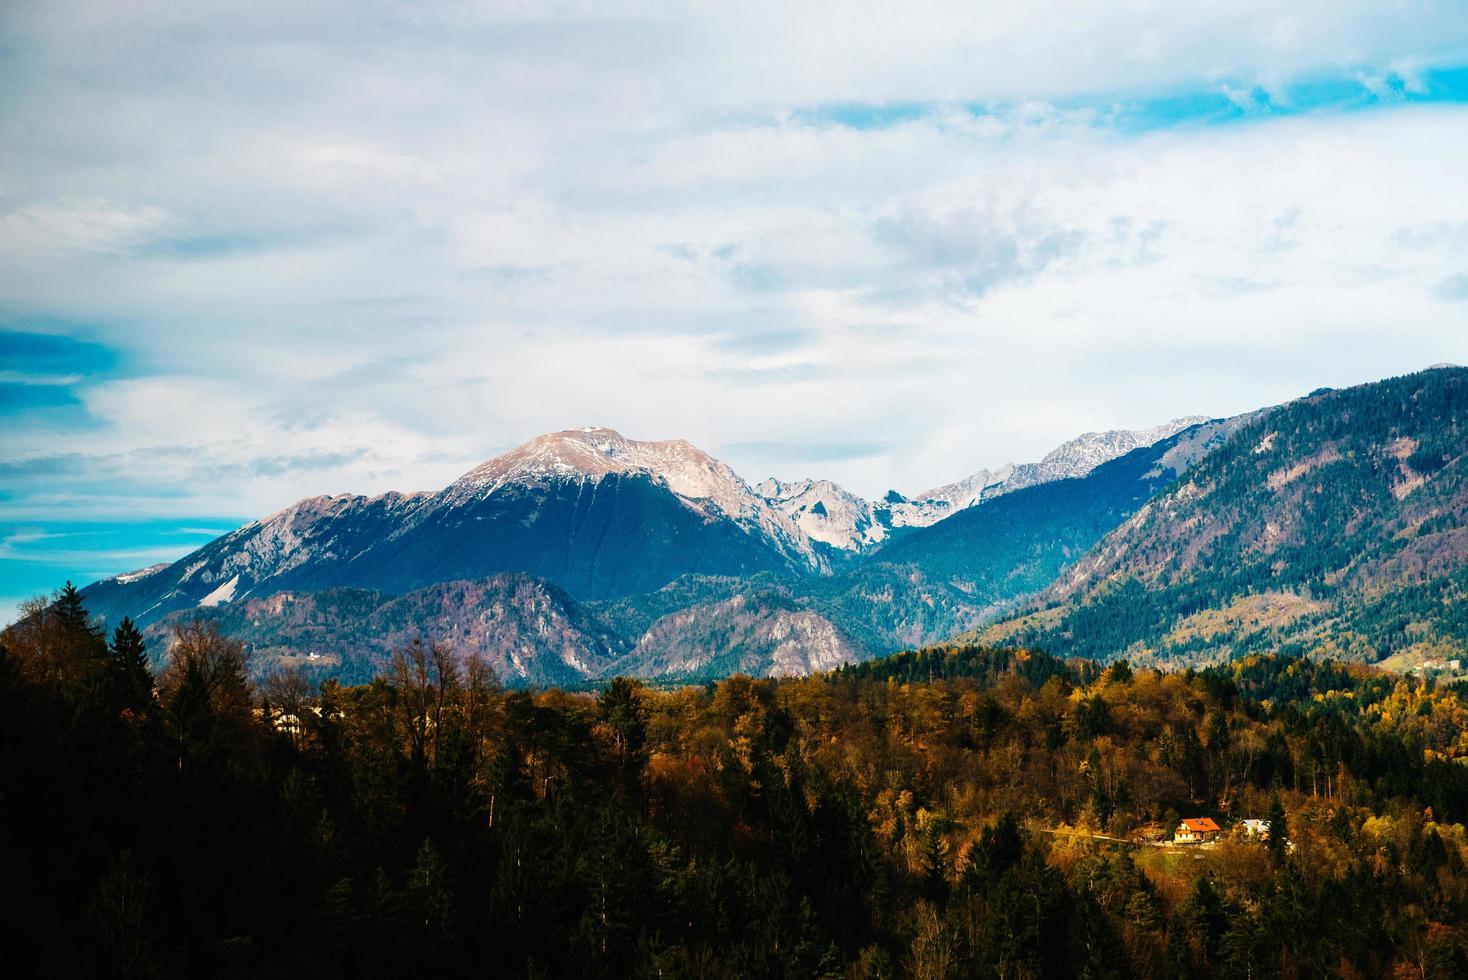 bergen van de alpen in slovenië foto